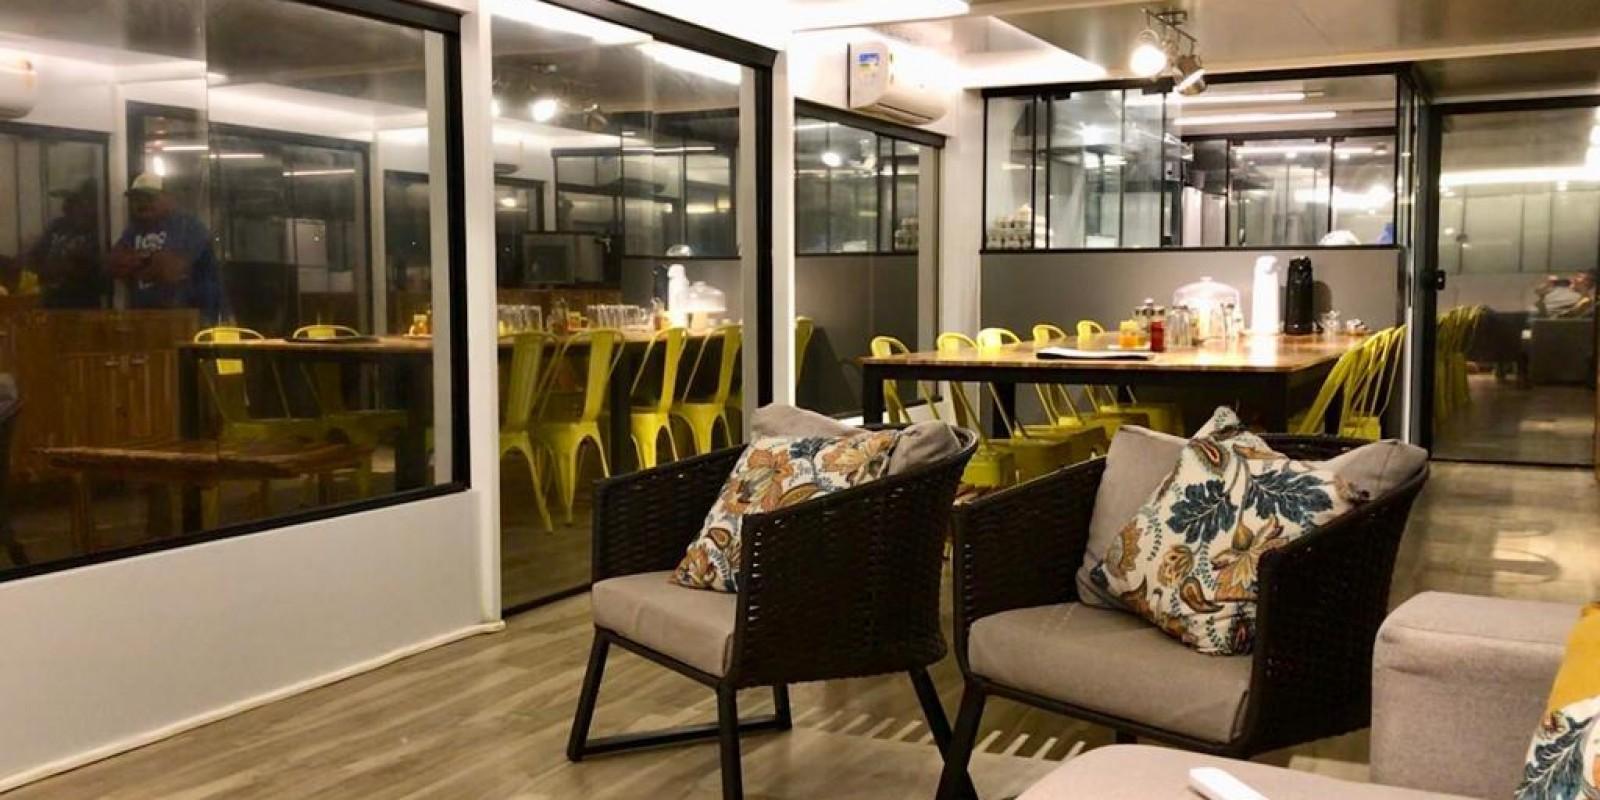 Barco Hotel Golden Fishing - 12 pessoas - Foto 17 de 17